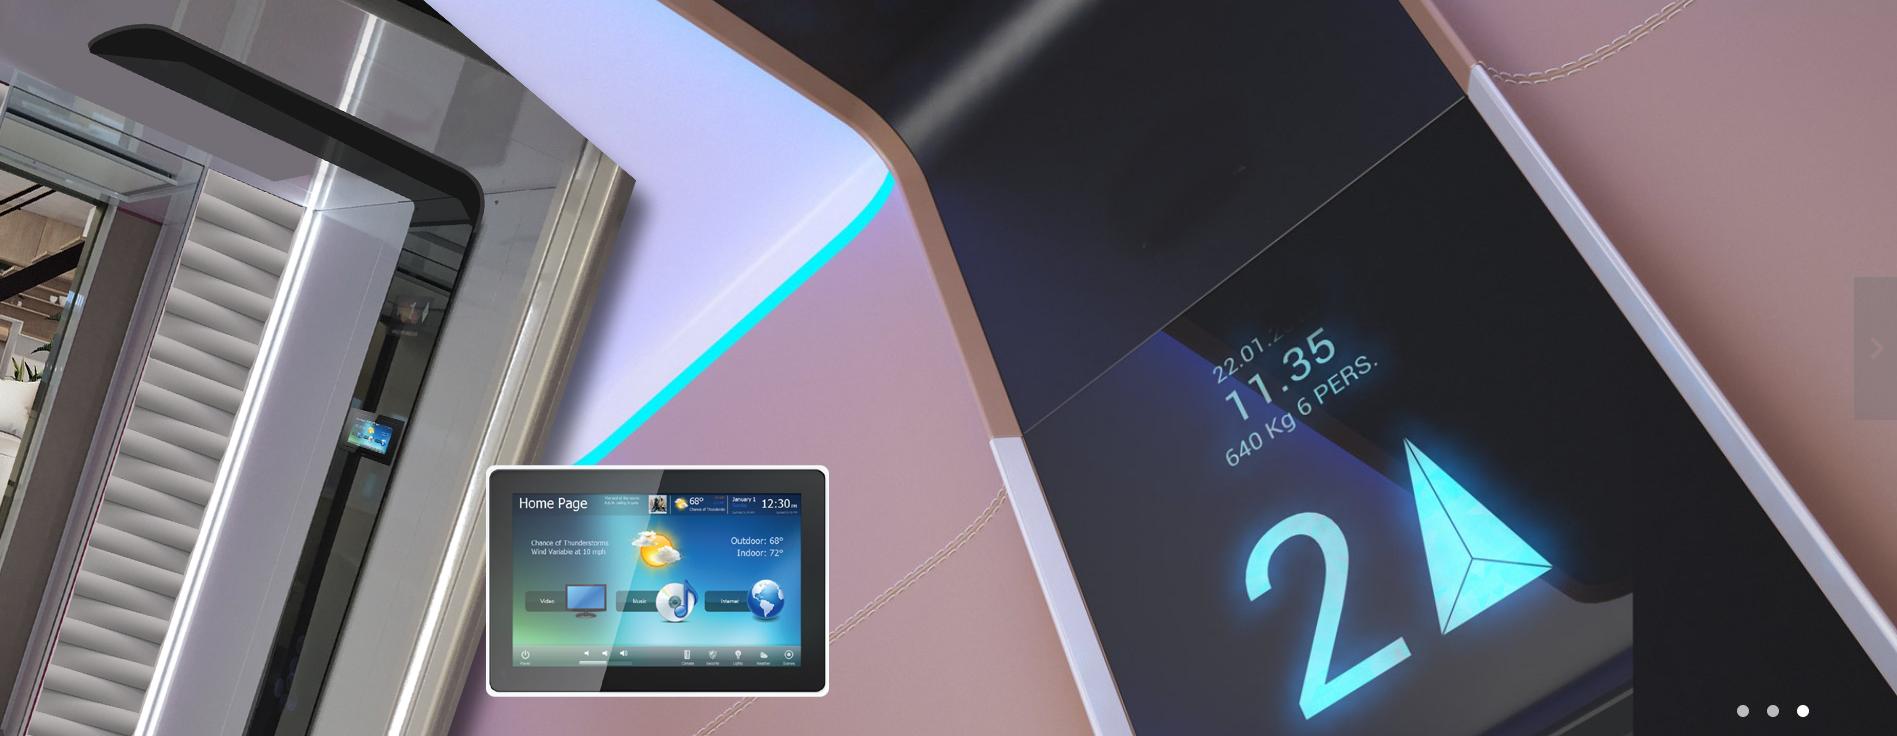 Smart Controls - Smart Home Lift